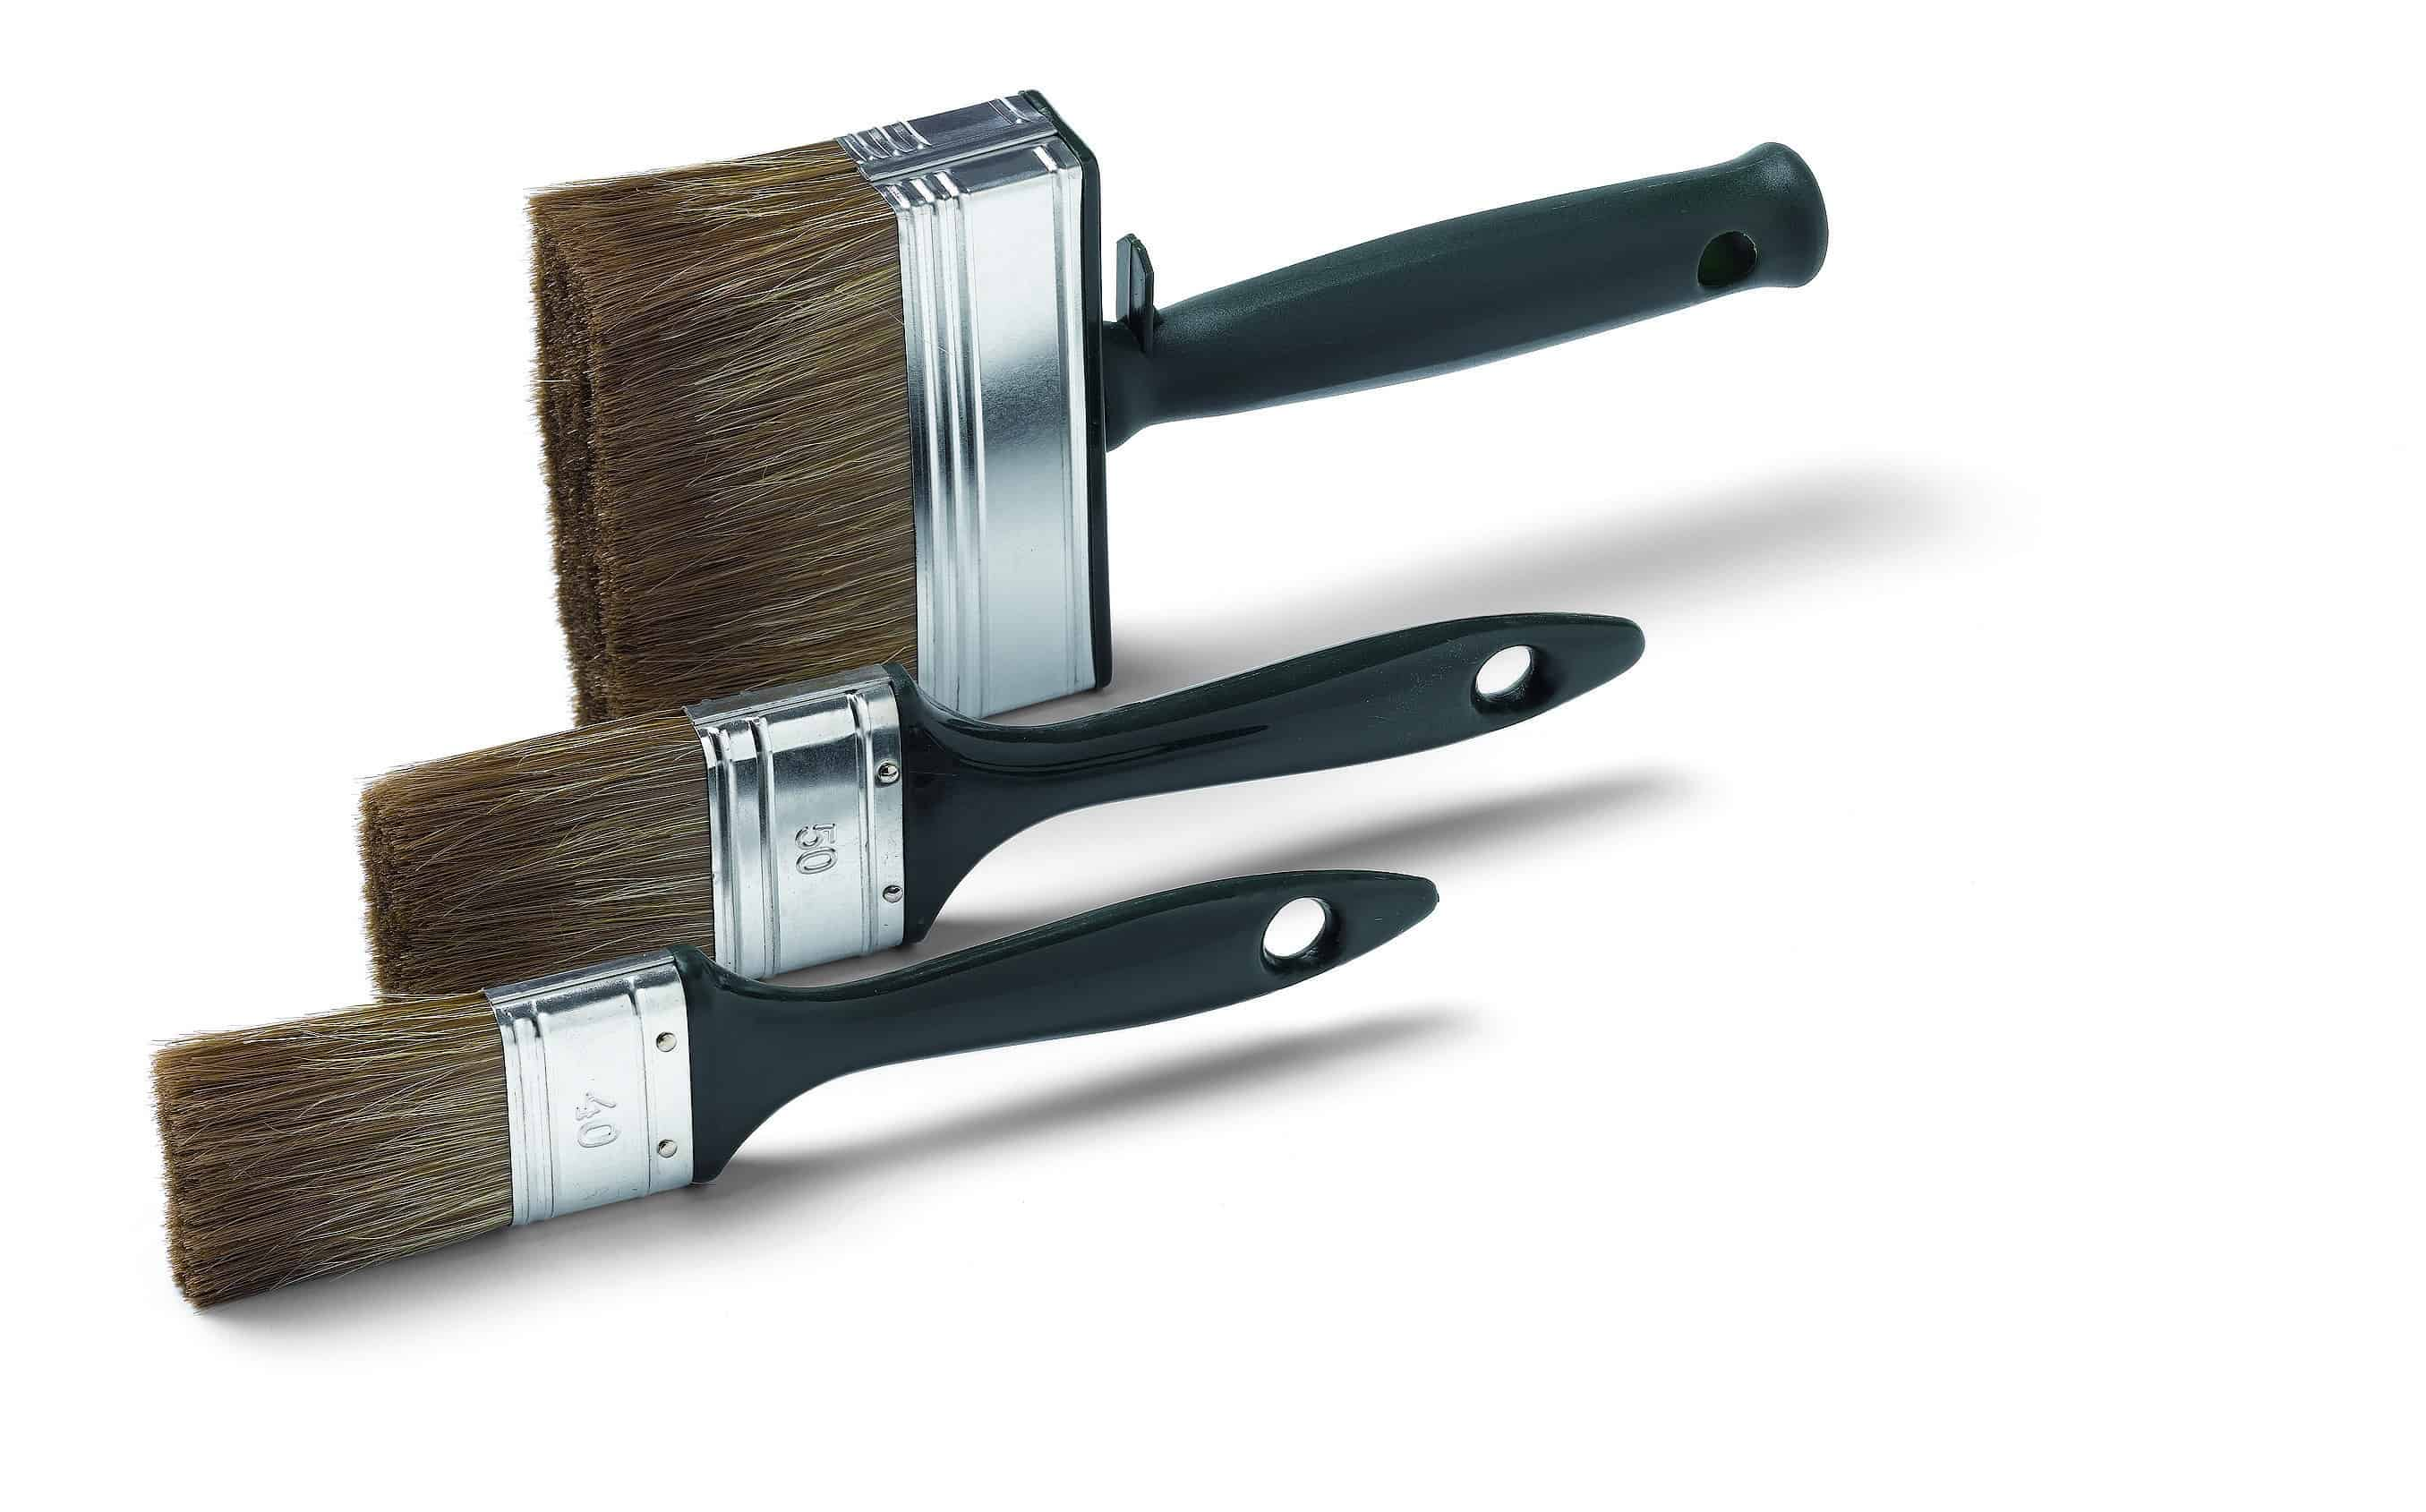 Holzschutzstreichset Timber FS